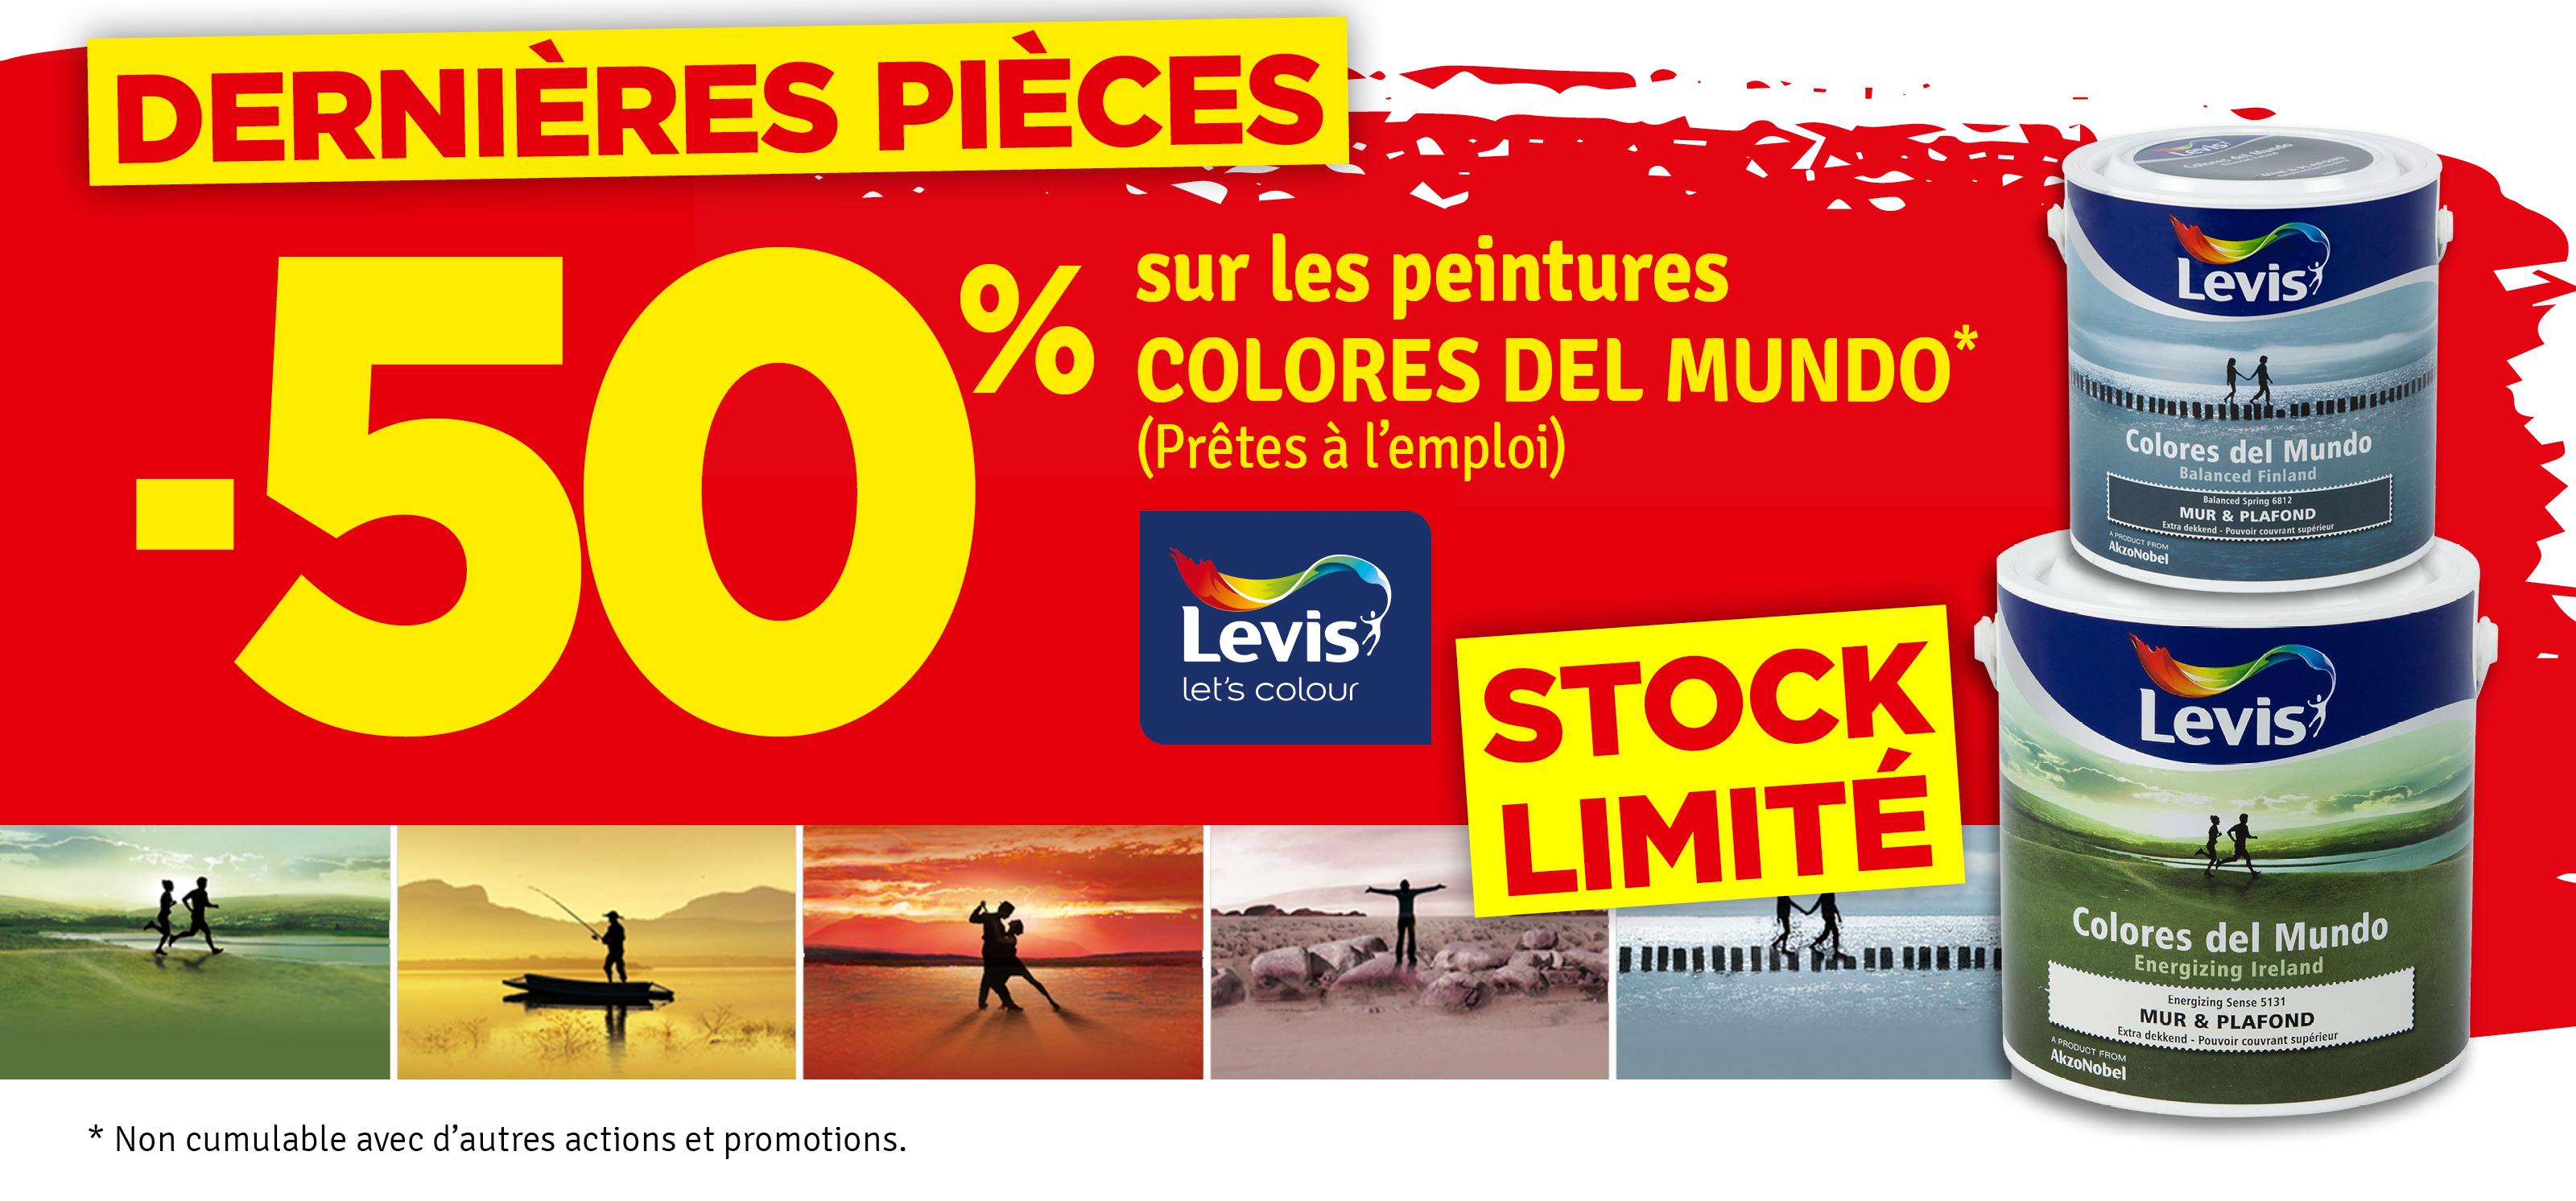 Promo - -50 % sur les peintures Colores del mundo LEVIS